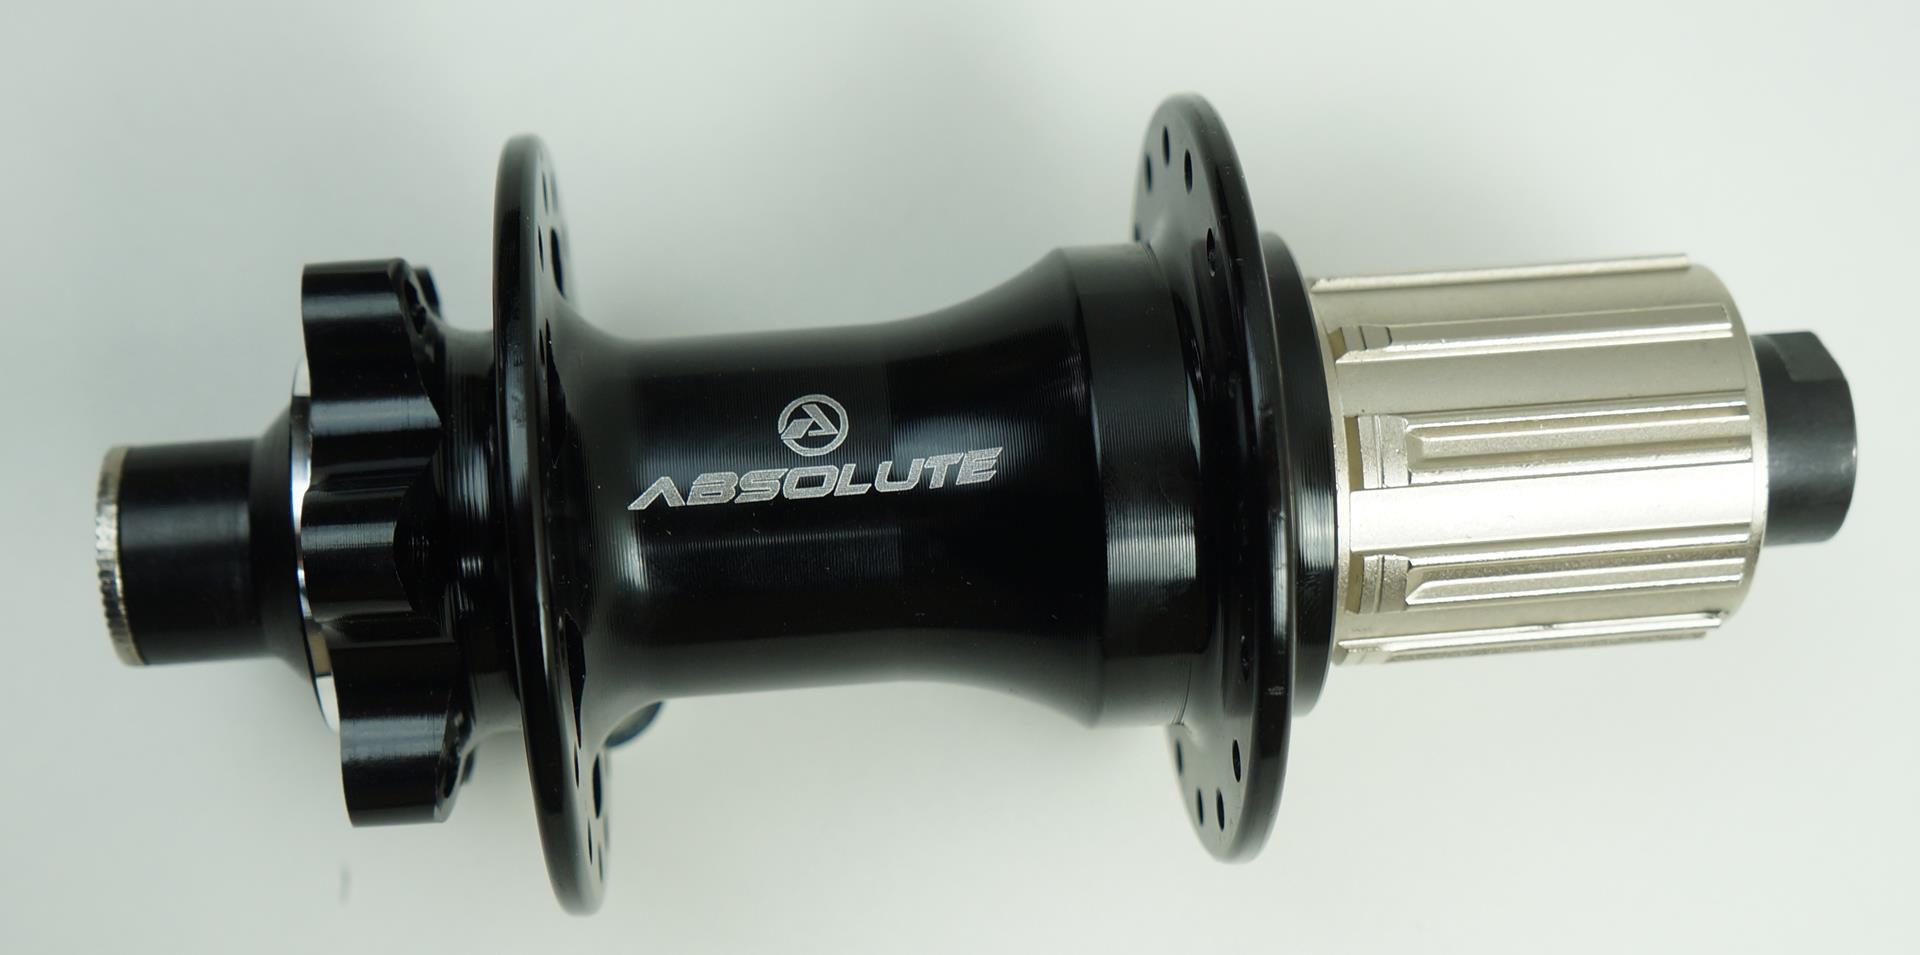 Cubo Traseiro Absolute Prime Boost 148 x 12mm 32 Furos com Rolamentos Eixo Passante